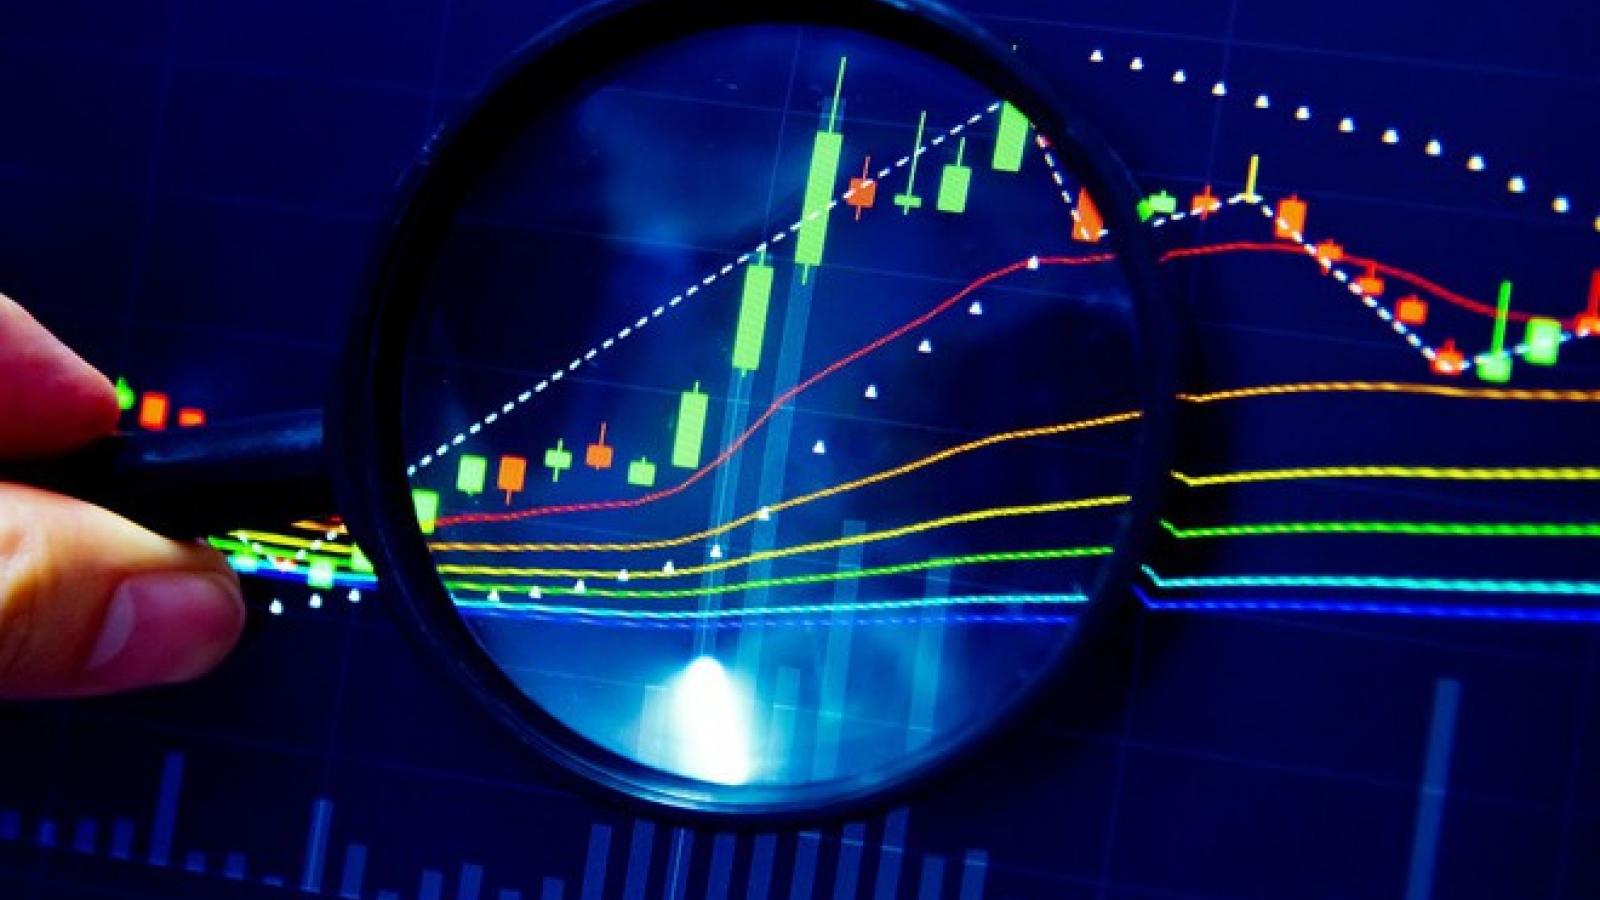 """Các cổ phiếu """"trụ"""" thuộc nhóm ngành bất động sản, ngân hàng tiếp tục đóng vai trò dẫn dắt"""